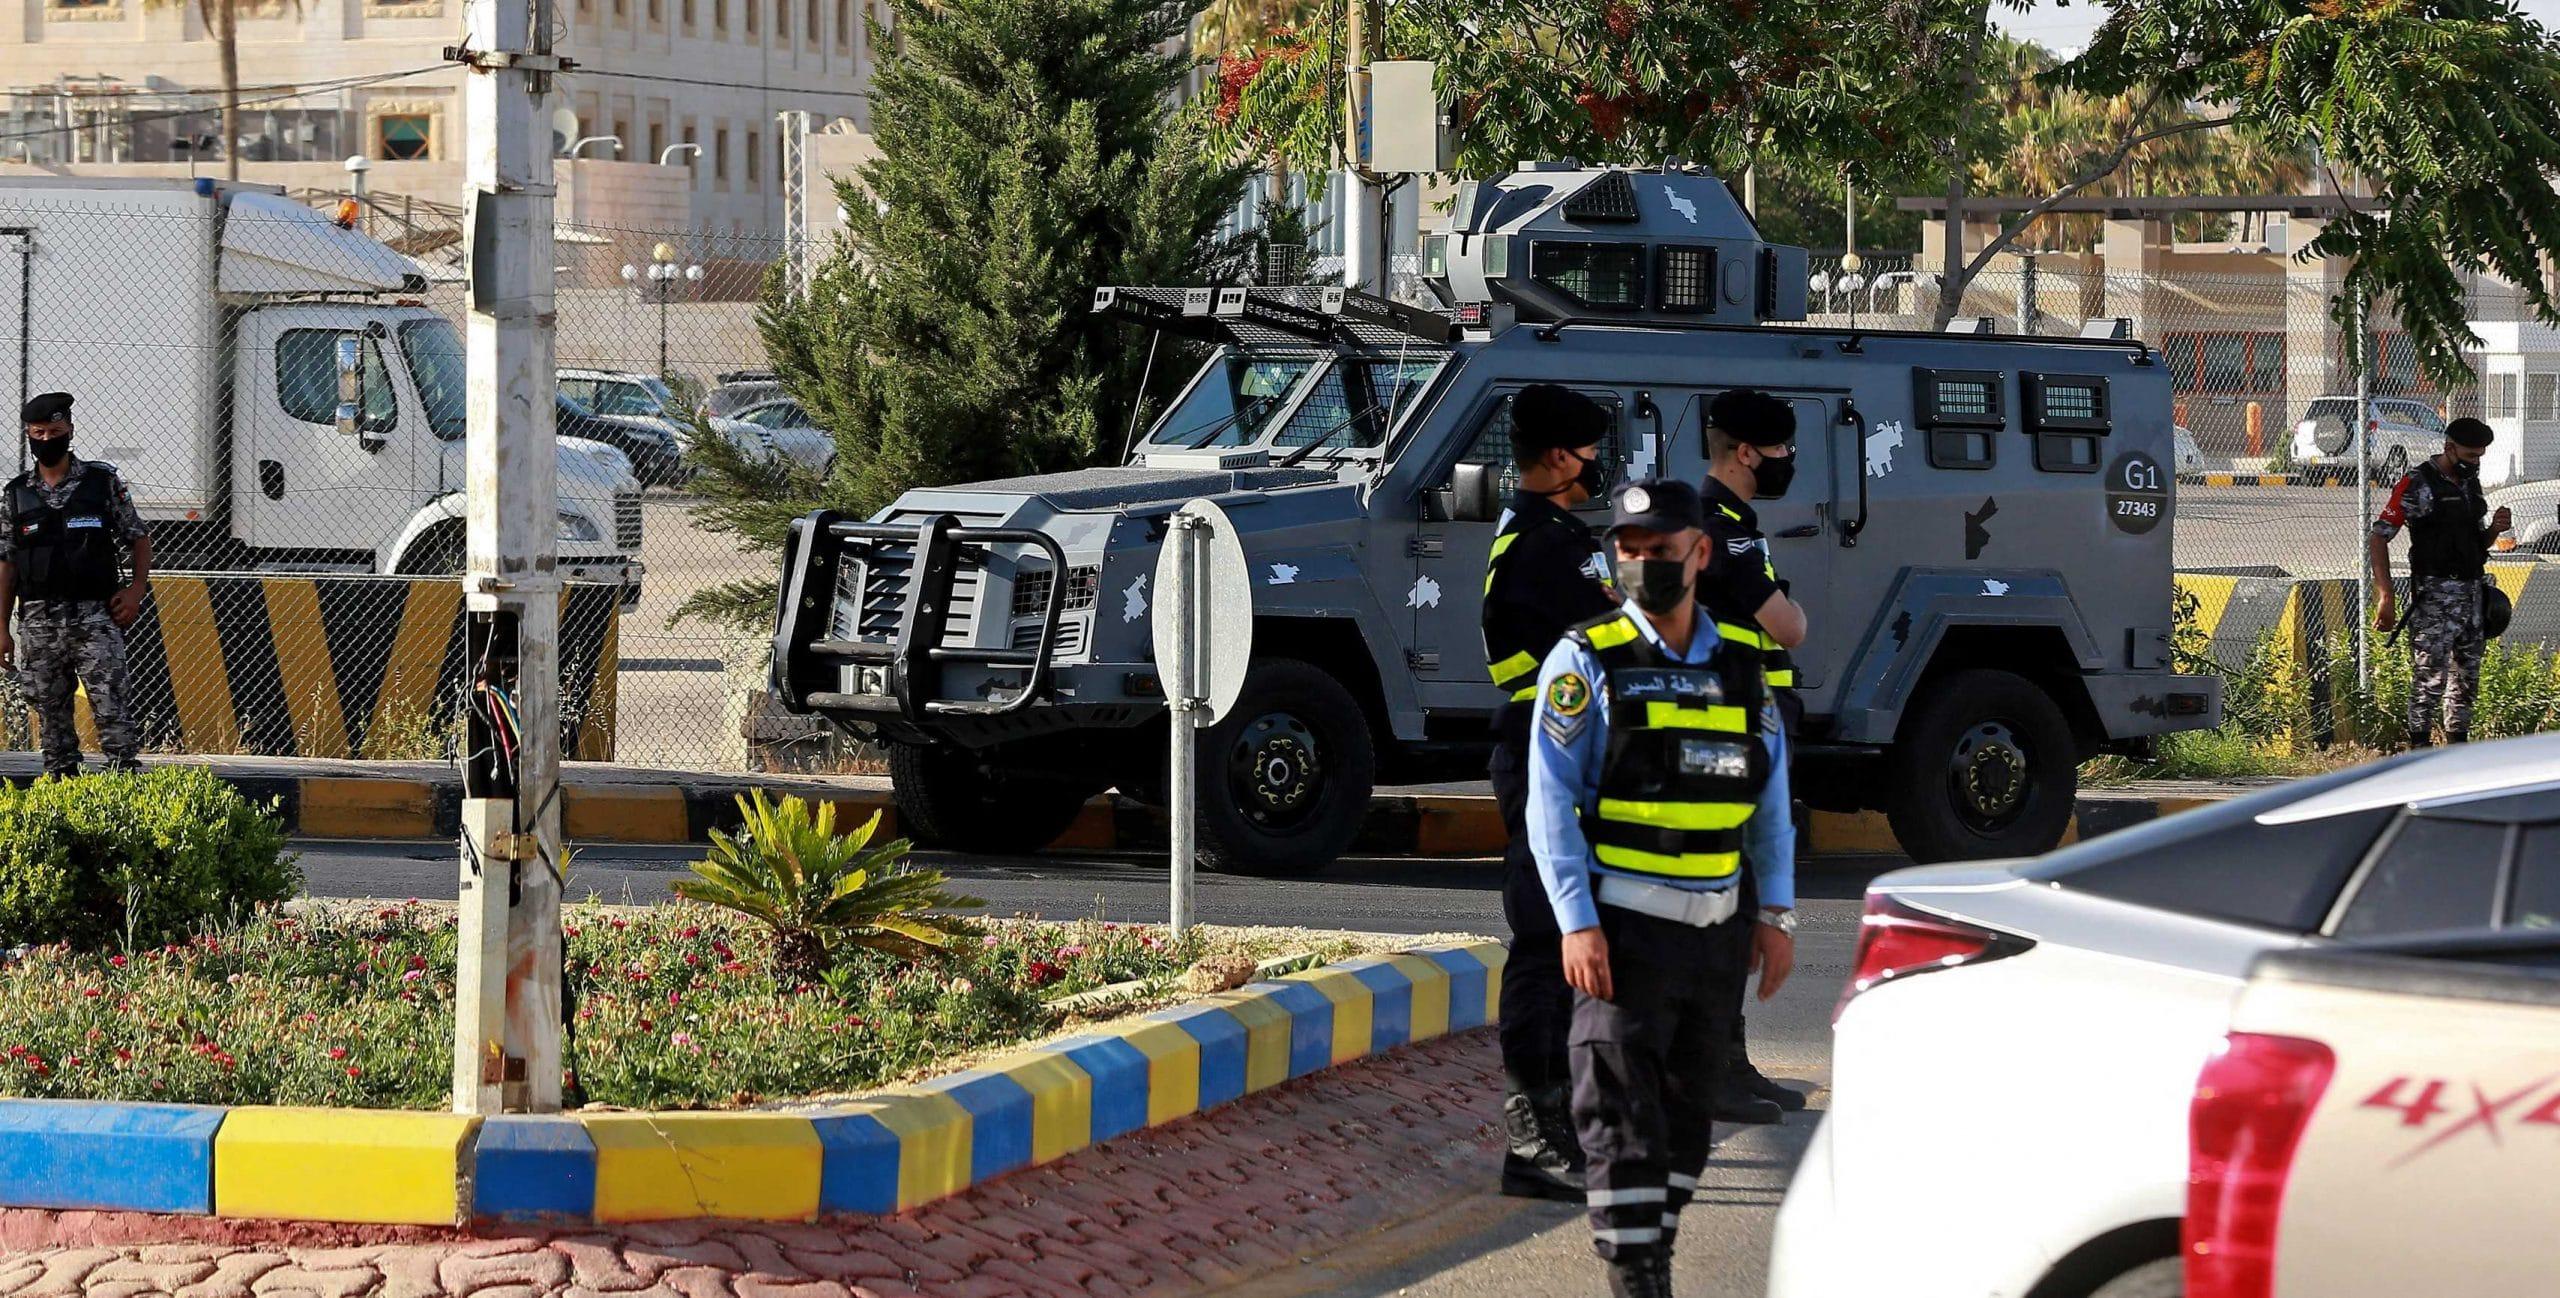 ناعور الأردنية كادت تشعل حرب أهلية في المملكة الهاشمية فهل تنافس العشيرة الدولة؟!